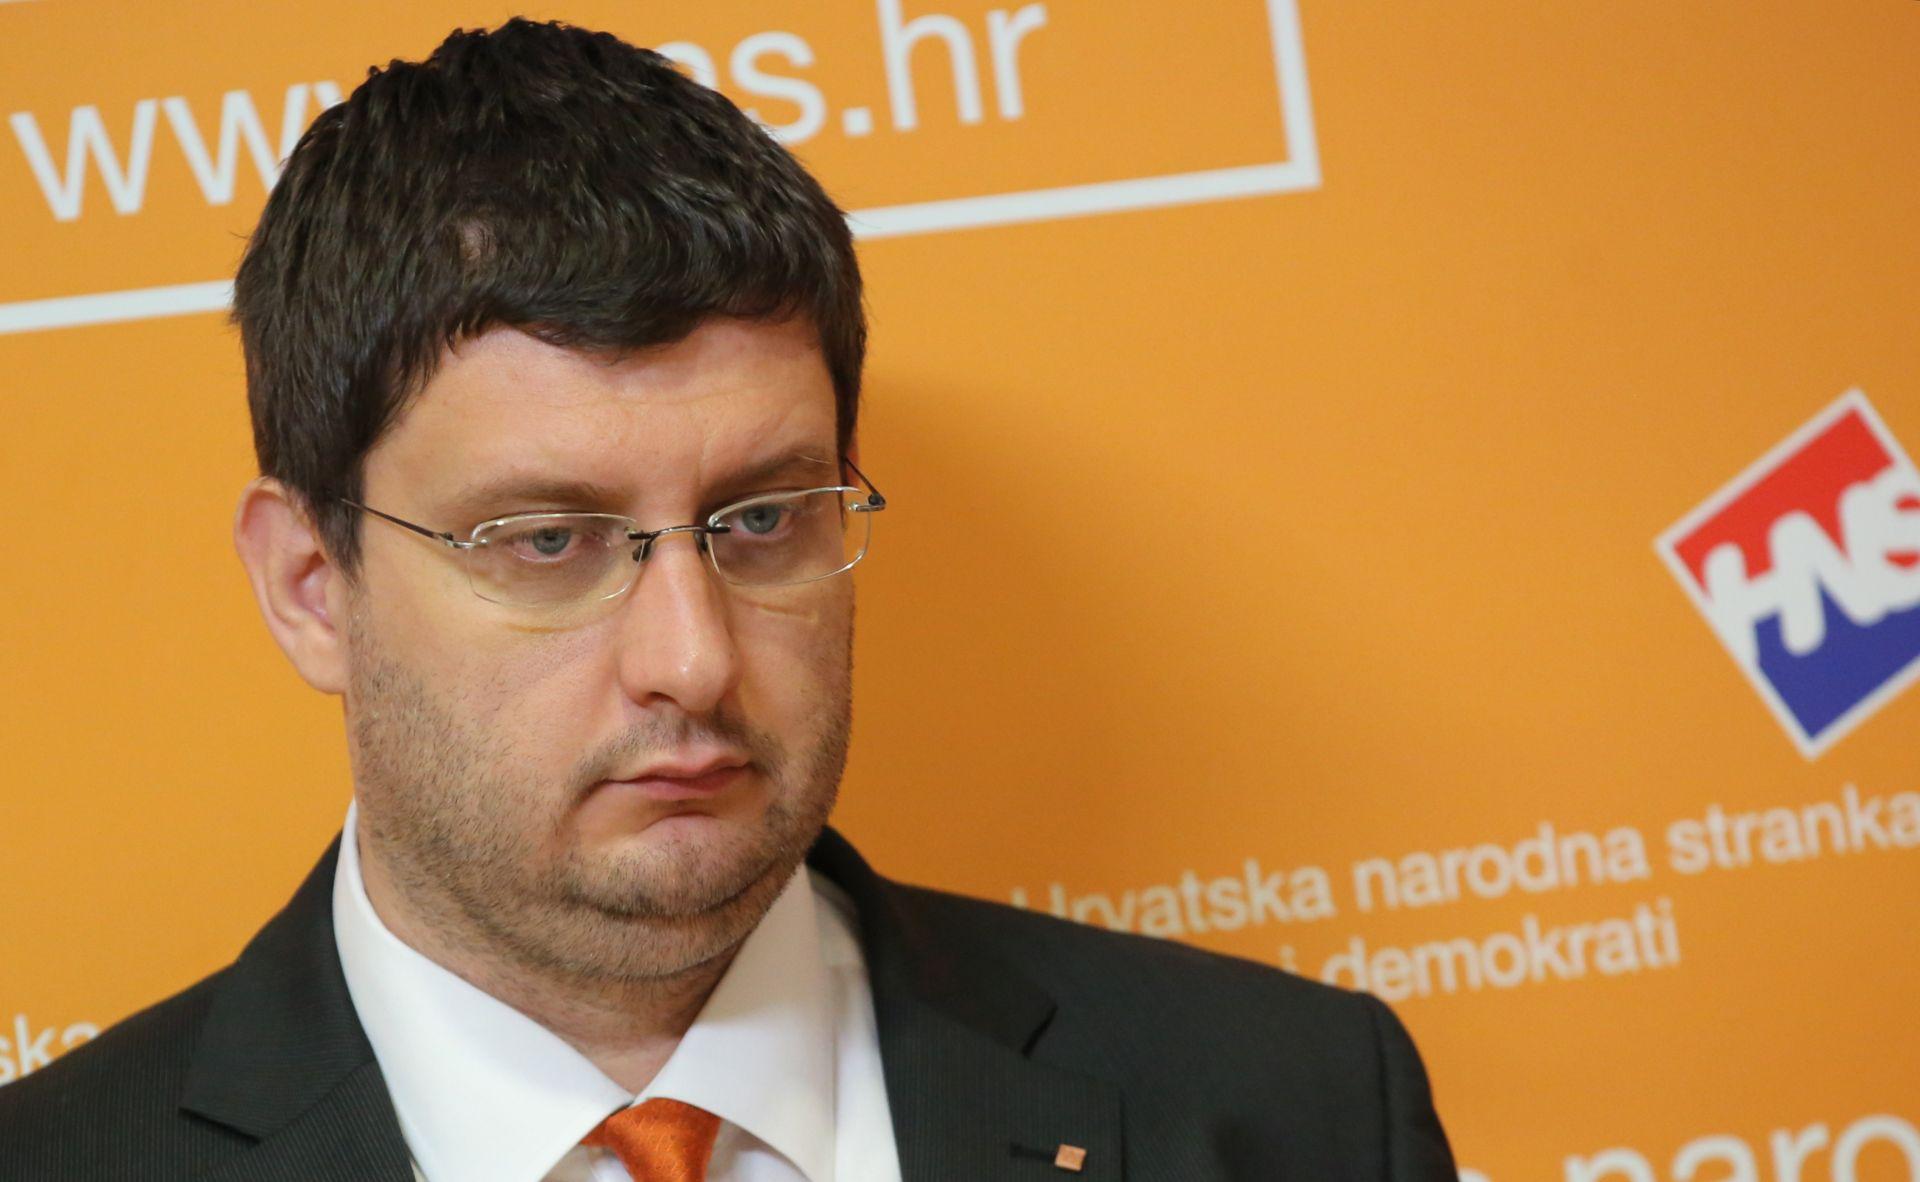 Čuraj brani Vrdoljaka i tvrdi da Panenić zloupotrebljava Ministarstvo gospodarstva u predizborne svrhe